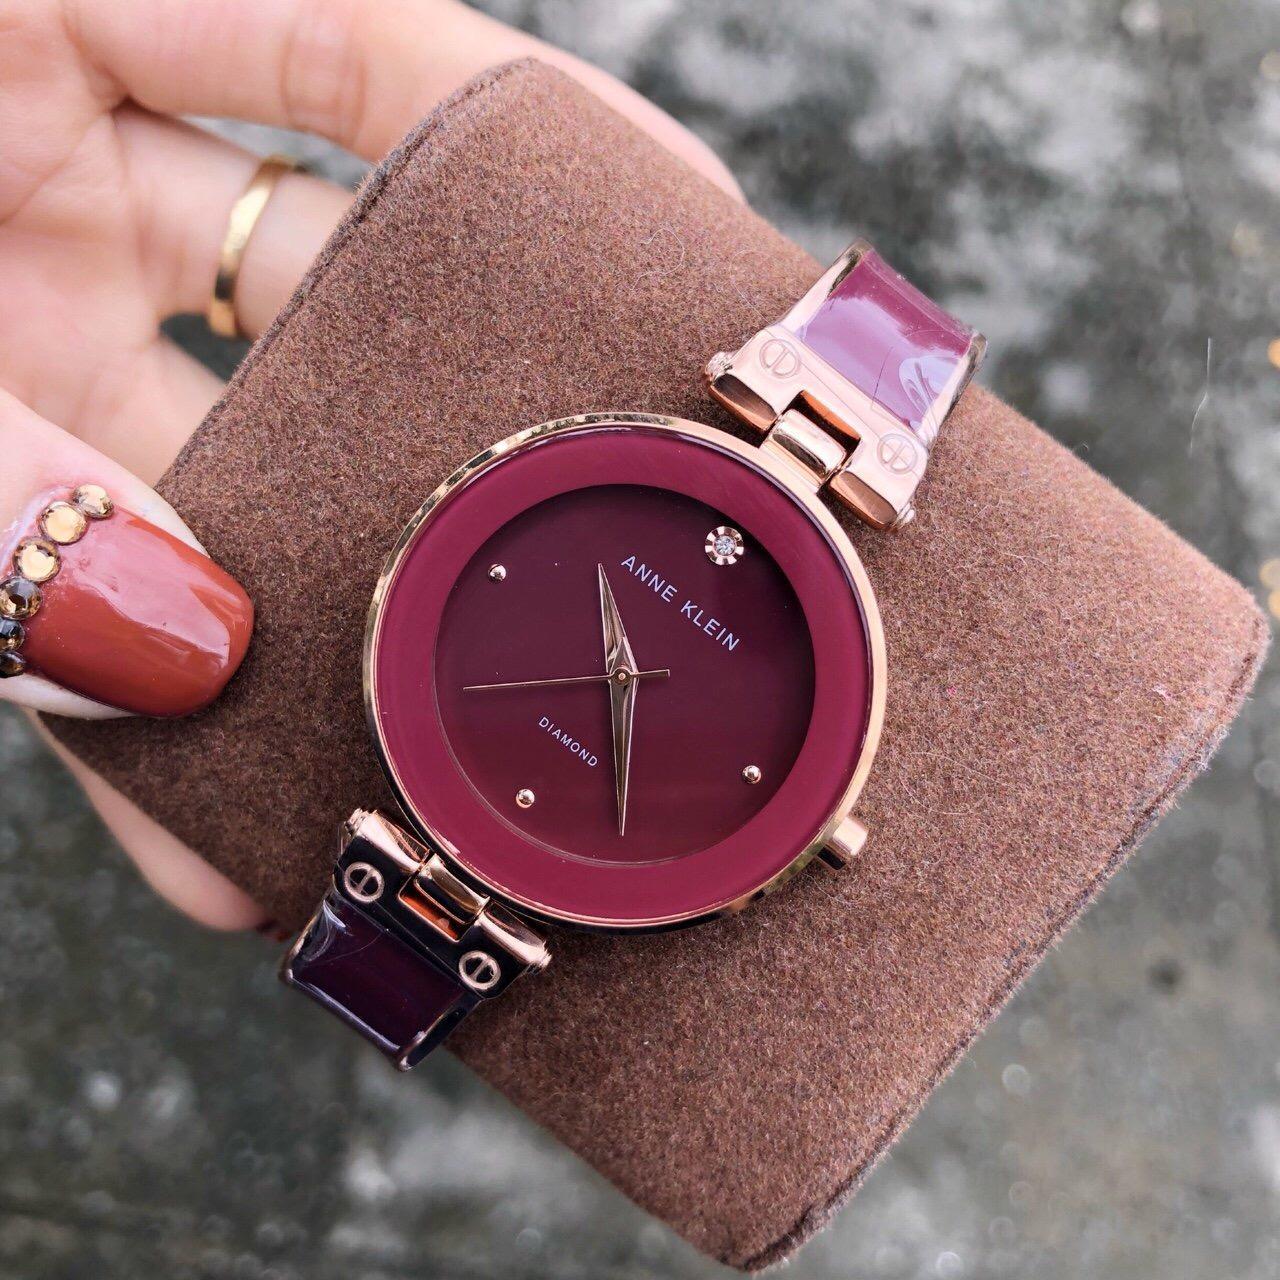 10 mẫu đồng hồ Anne Klein Nữ kèm lắc tay sang trọng đang được săn lùng v